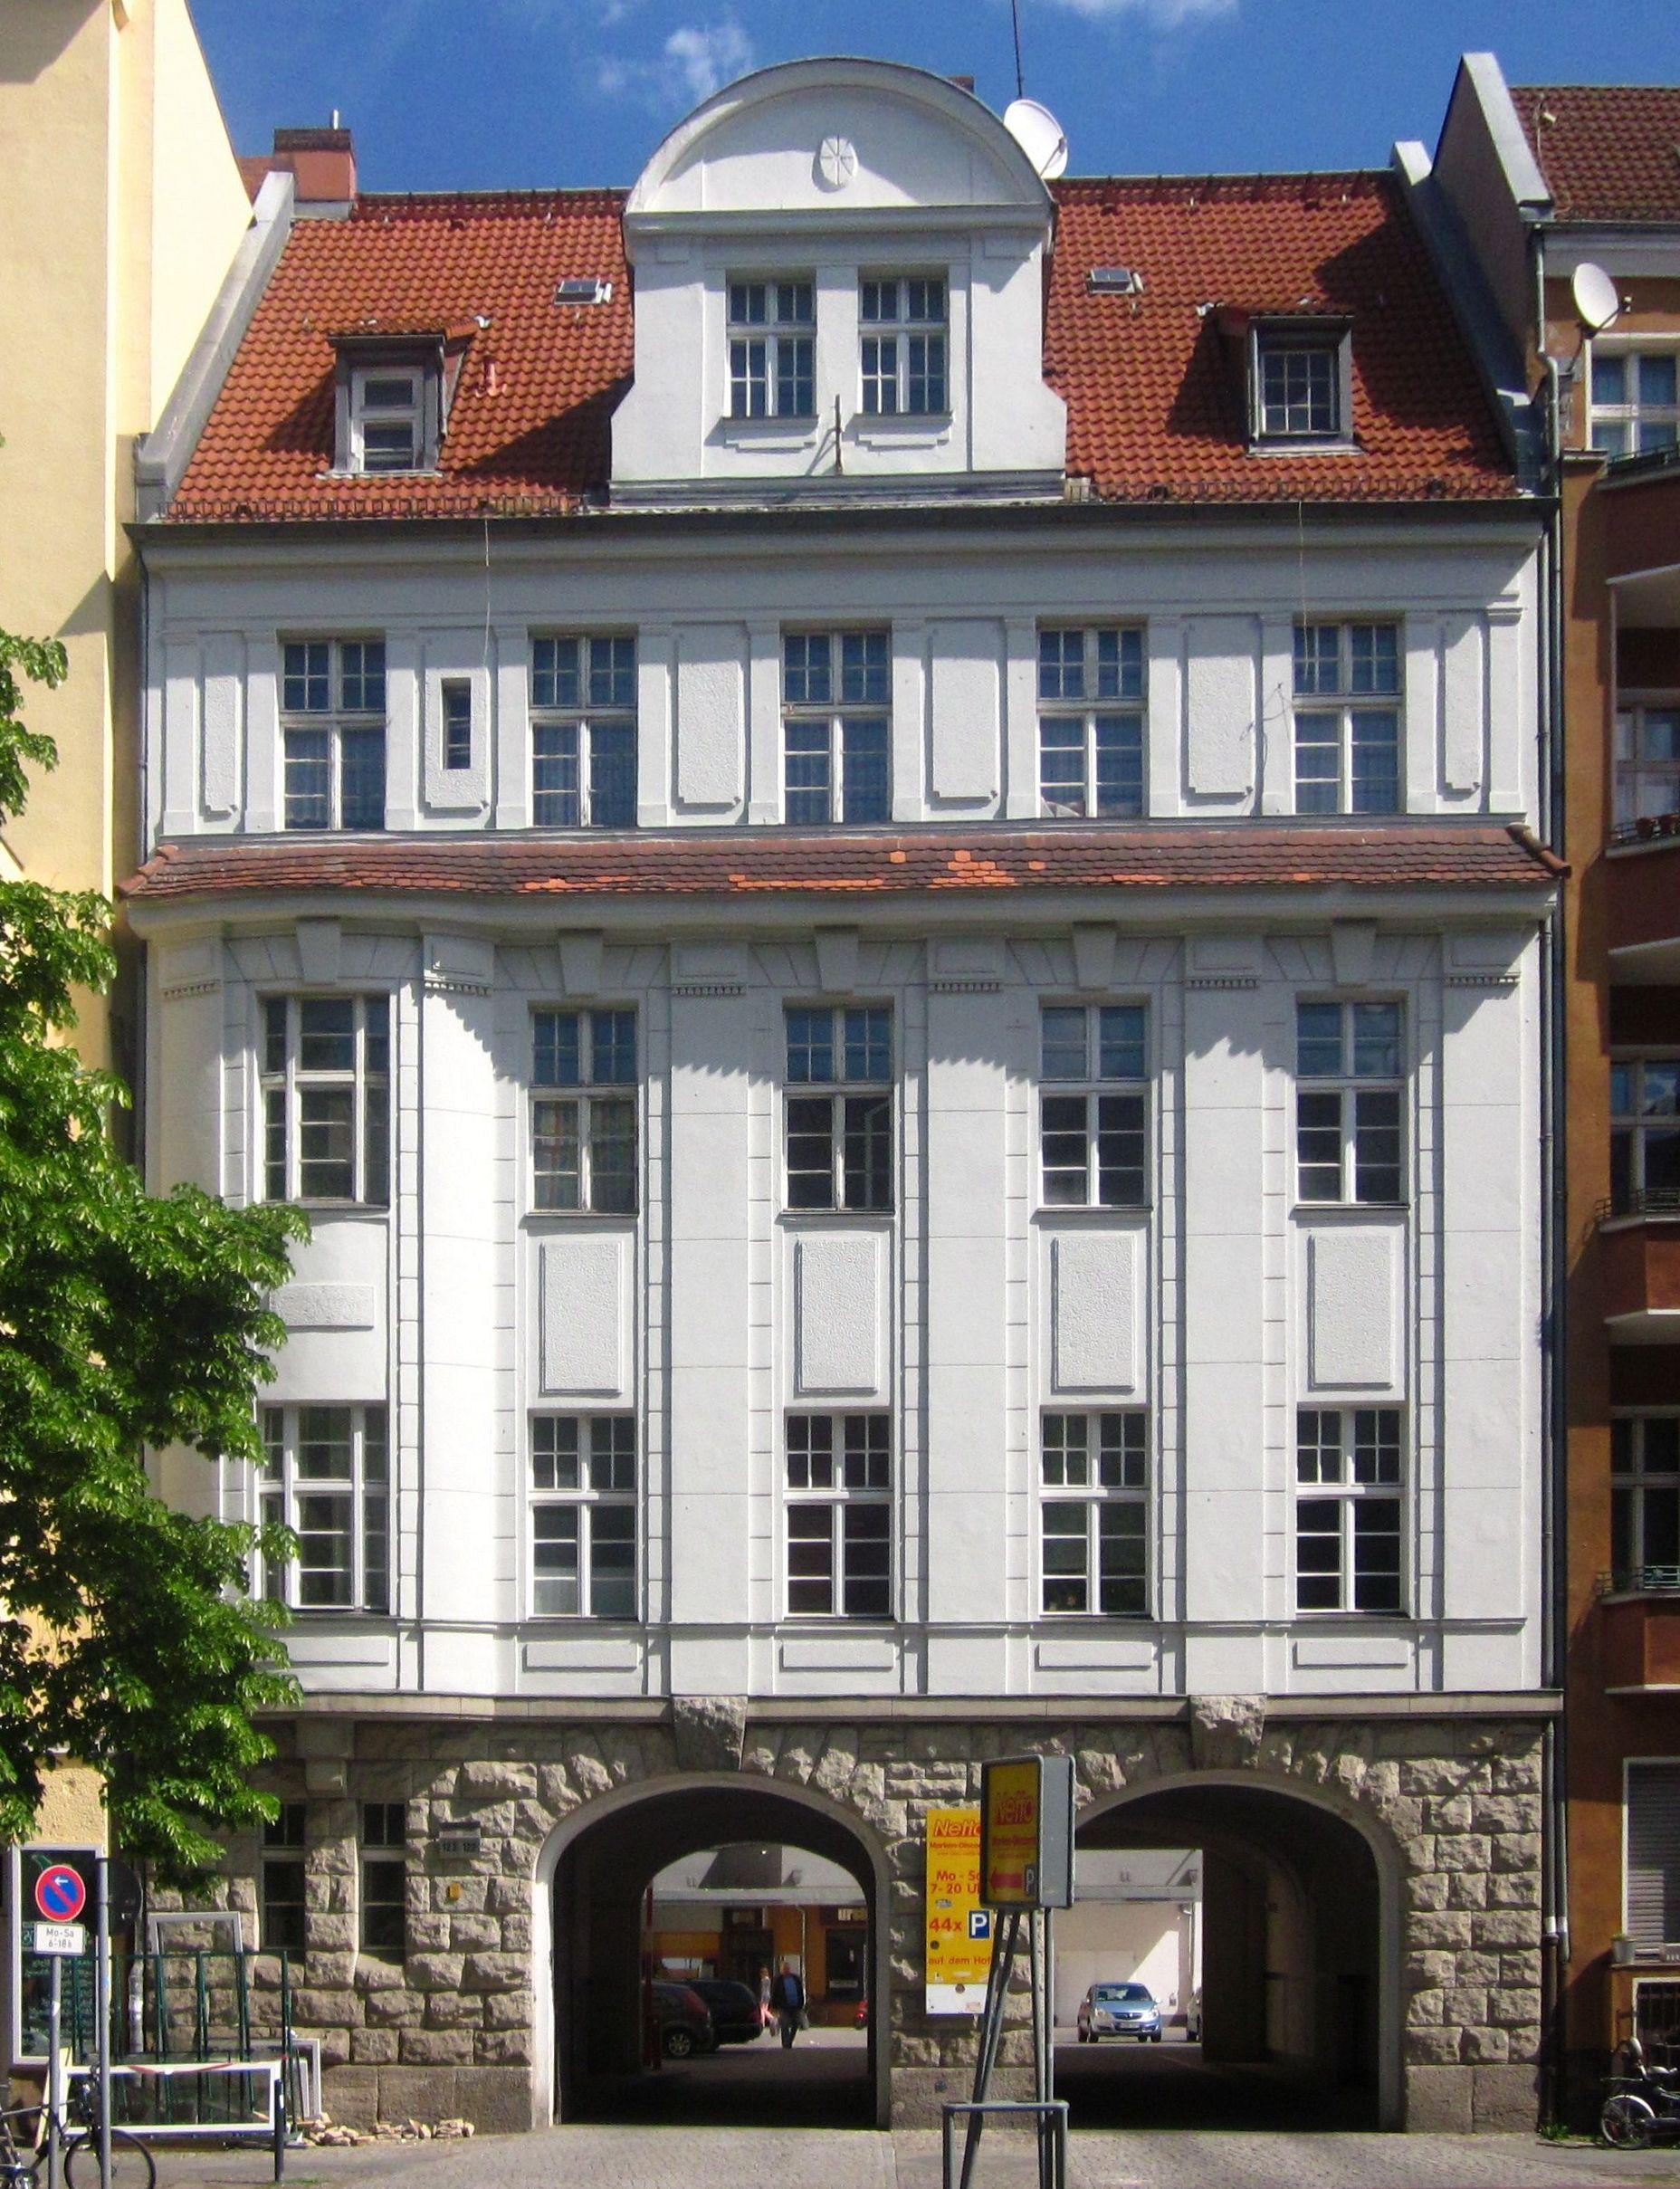 file berlin kreuzberg urbanstrasse 122 123 wohngebauede. Black Bedroom Furniture Sets. Home Design Ideas